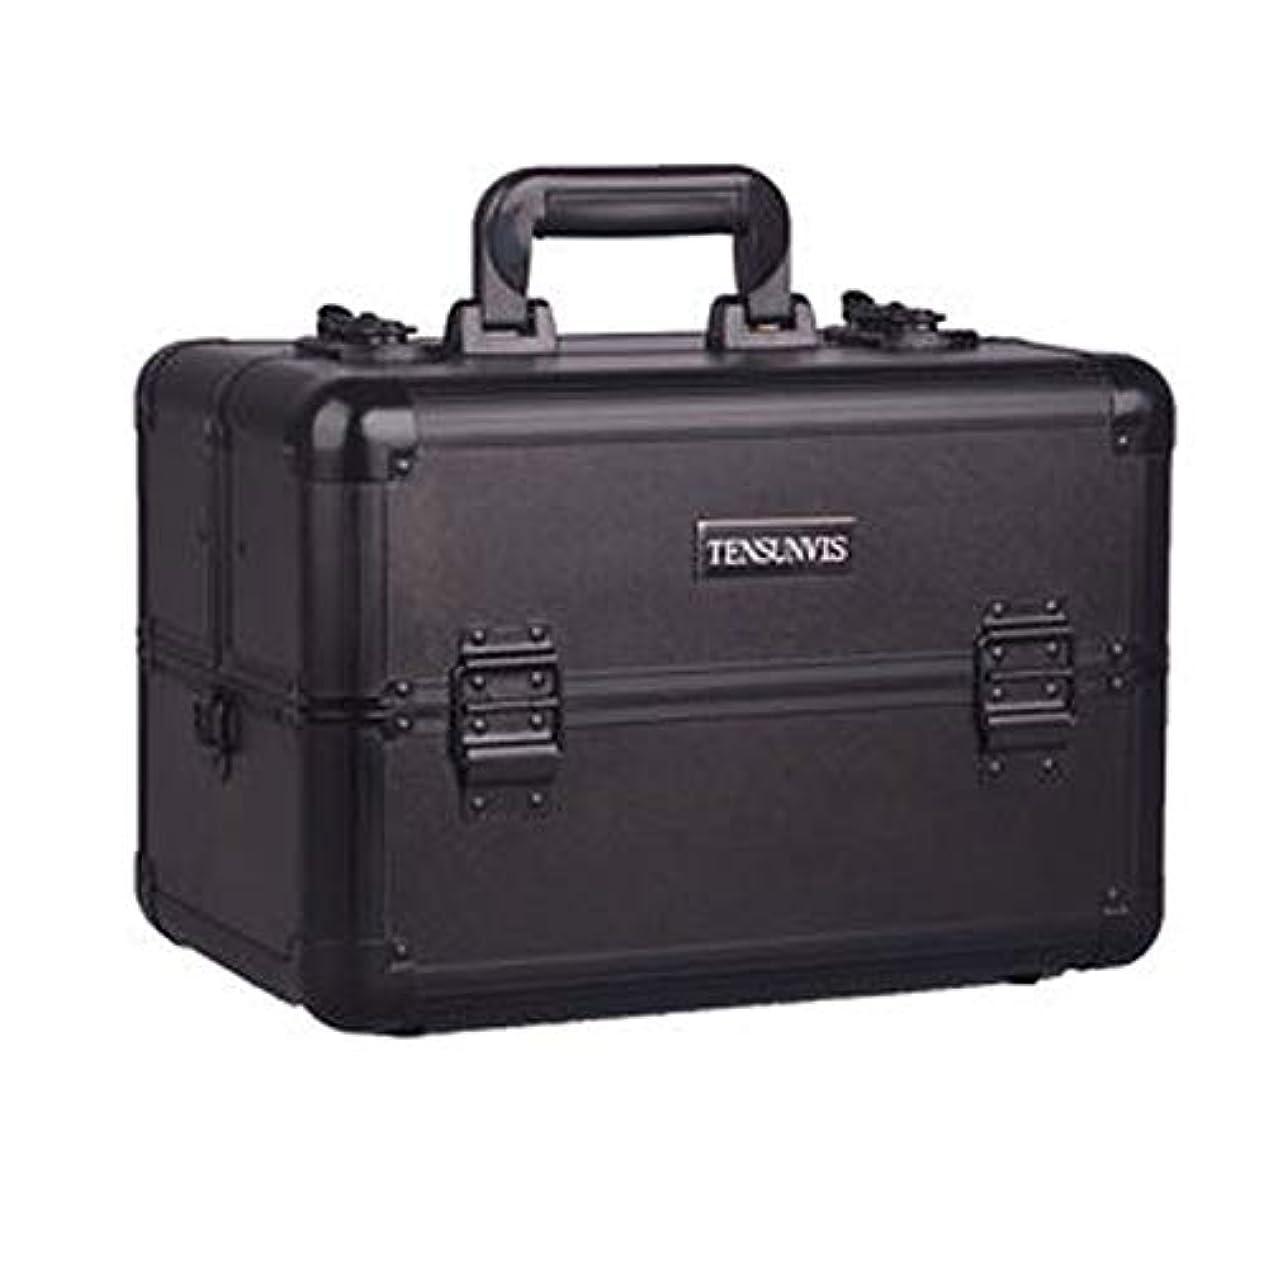 応じるメロディアス九時四十五分プロ専用 メイクボックス ブラック ヘアメイク プロ 大容量 軽量 高品質 多機能 I-HT-405AB